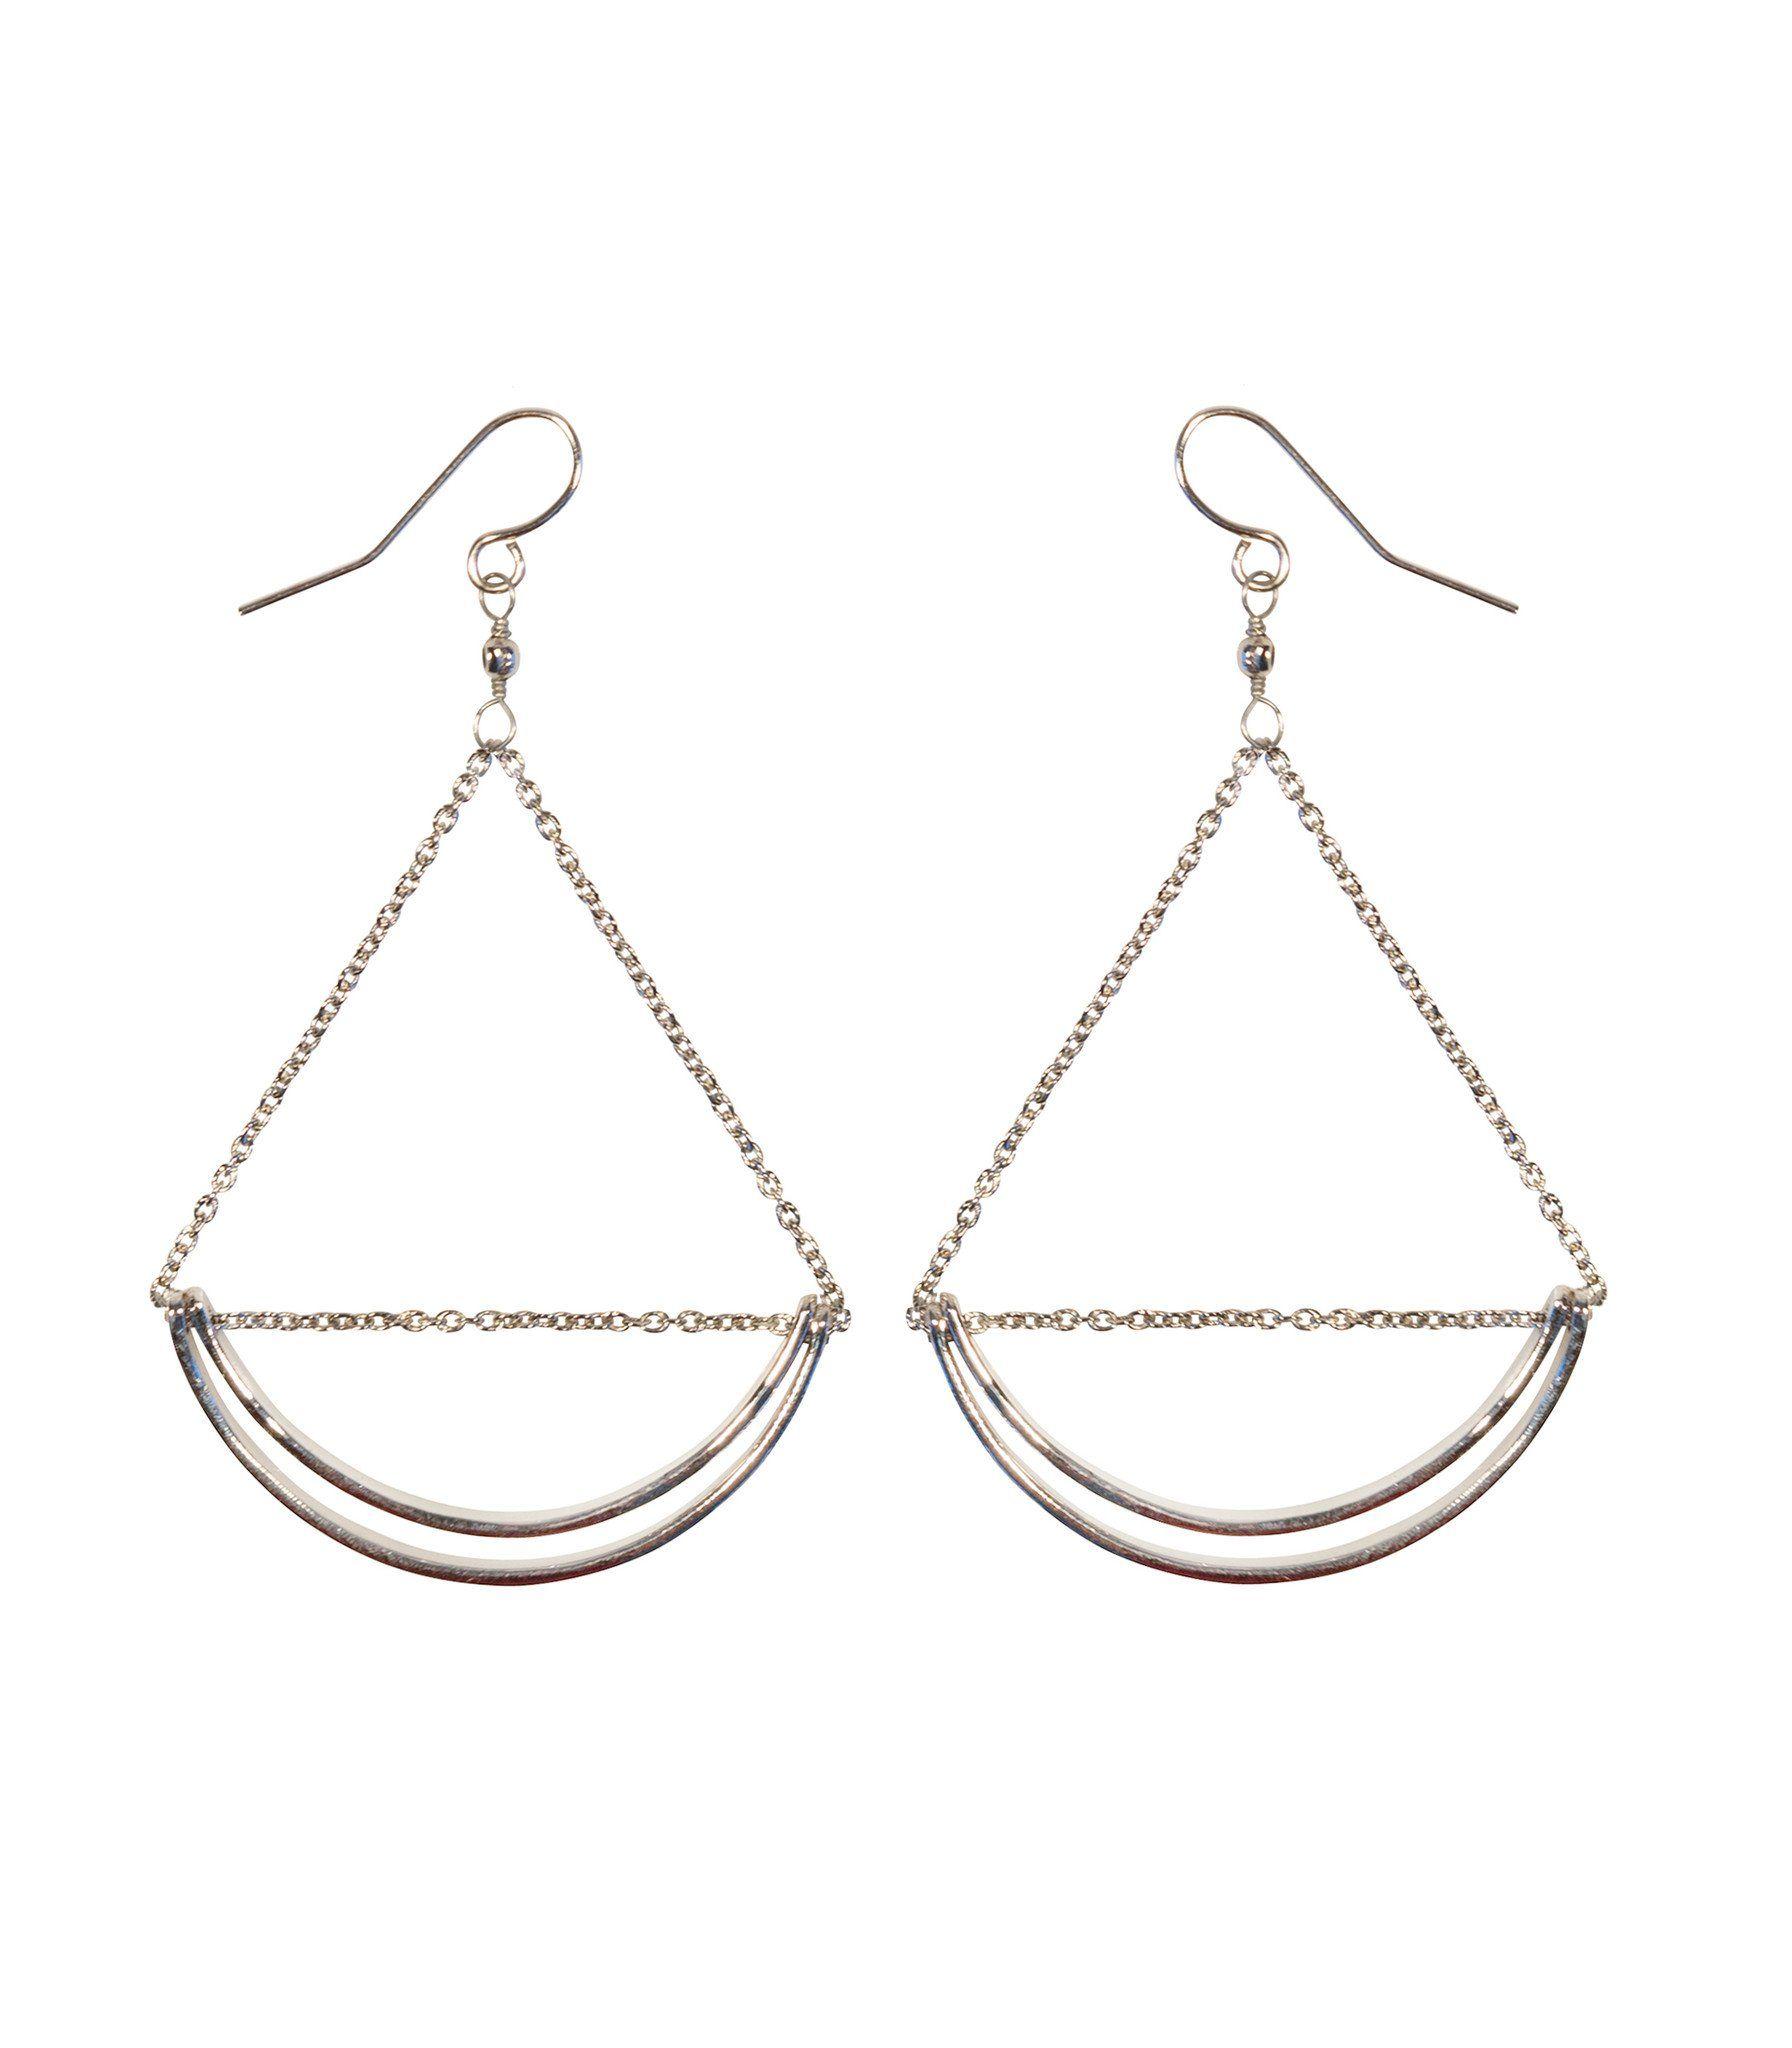 Lunette Earrings